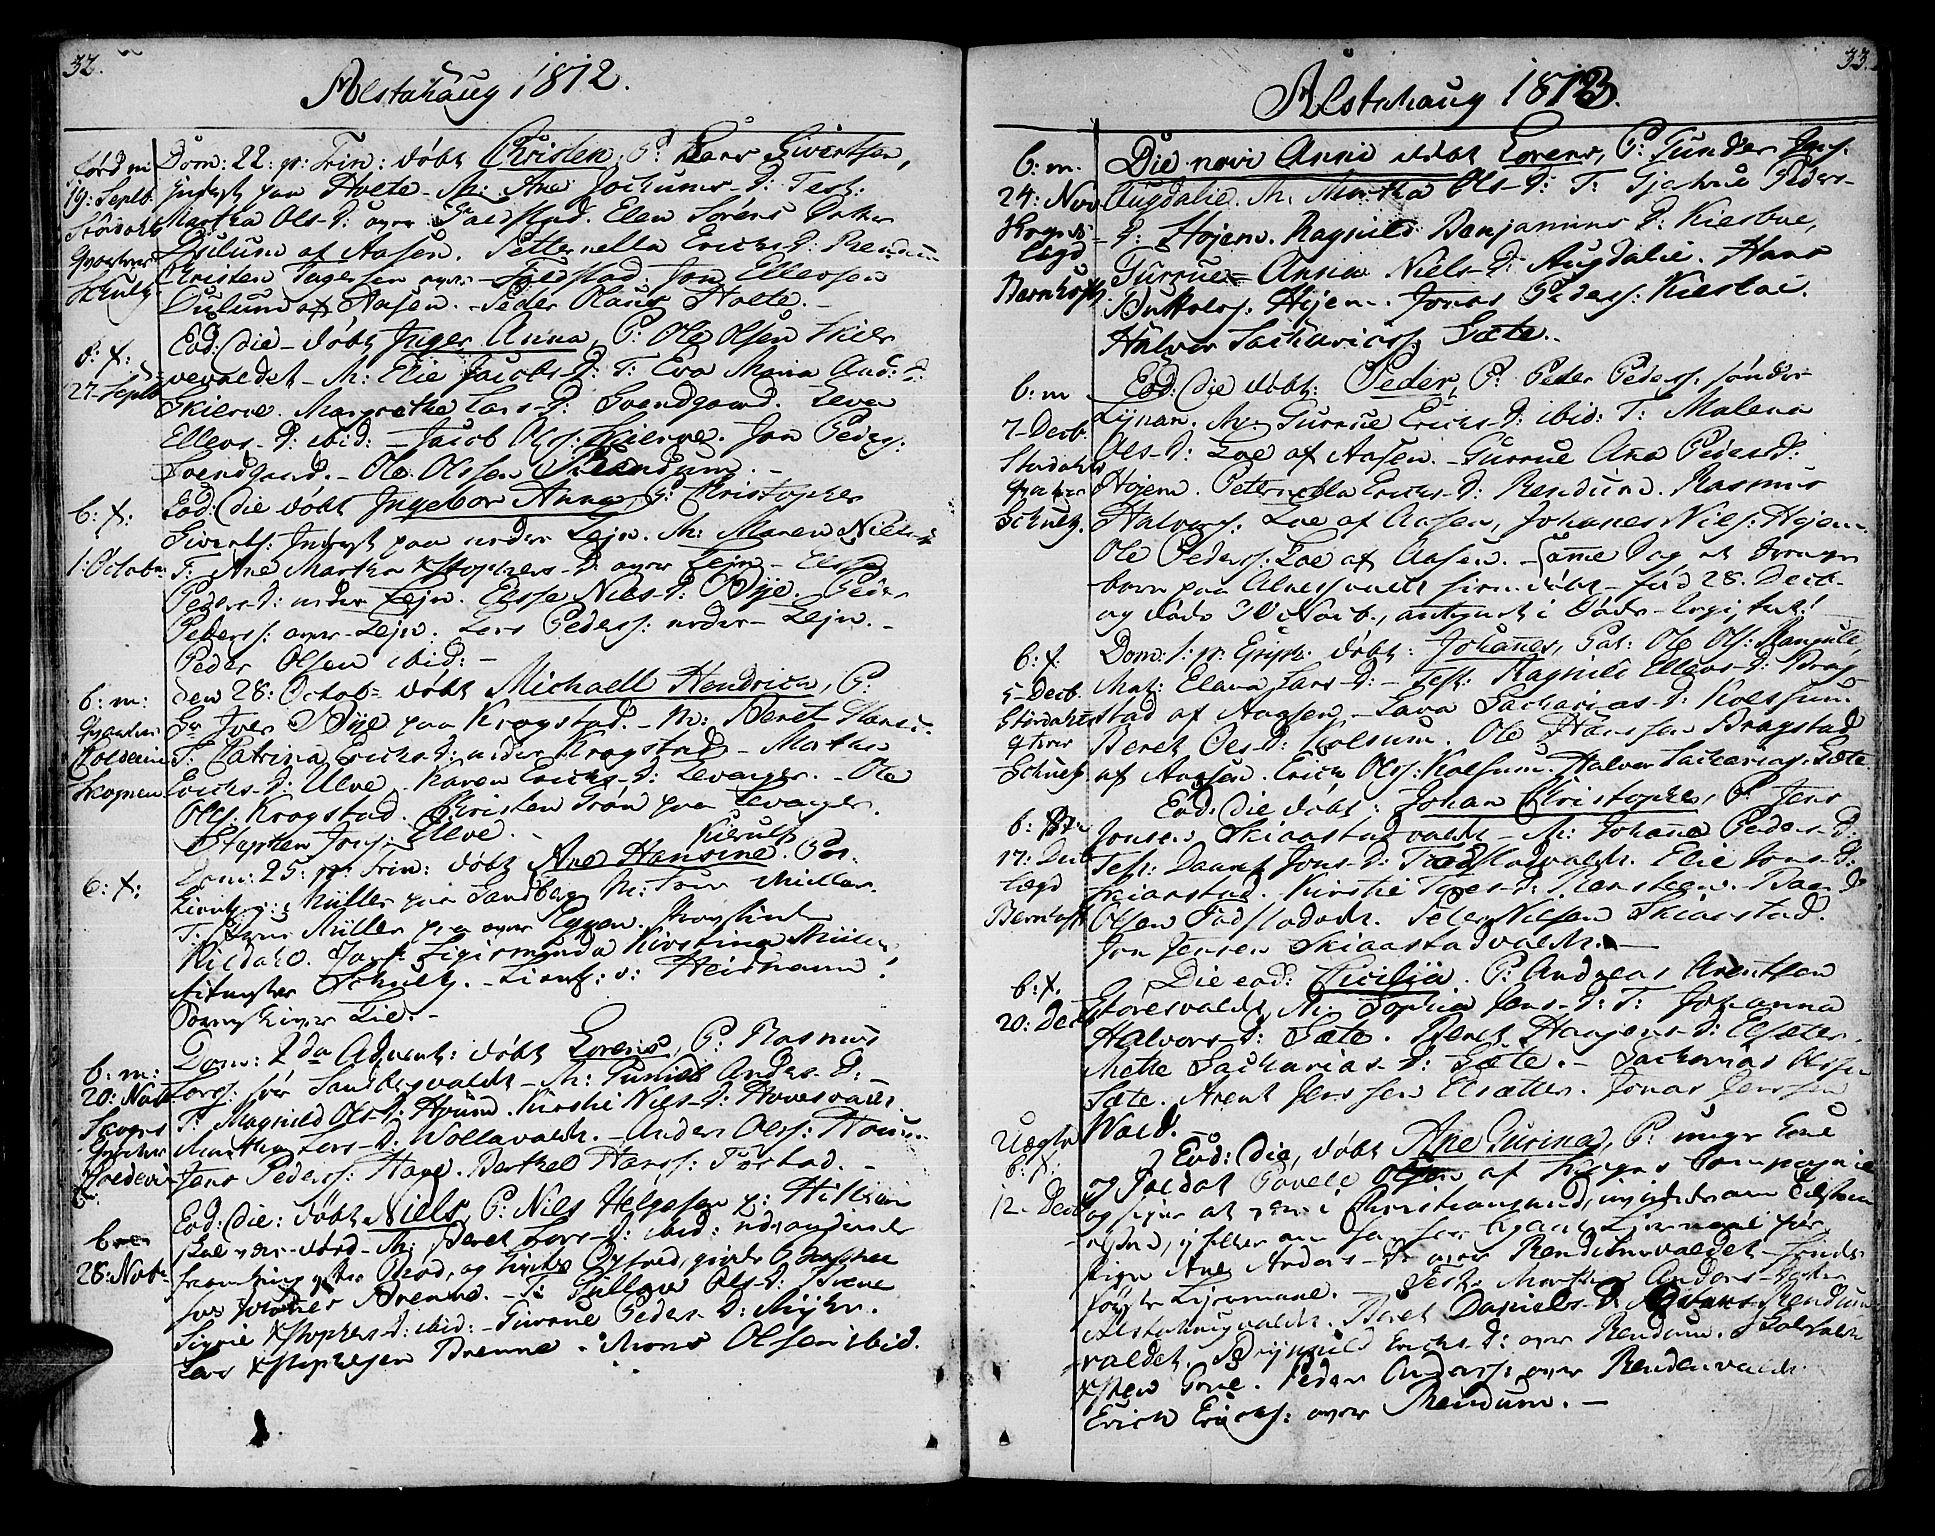 SAT, Ministerialprotokoller, klokkerbøker og fødselsregistre - Nord-Trøndelag, 717/L0145: Ministerialbok nr. 717A03 /1, 1810-1815, s. 32-33